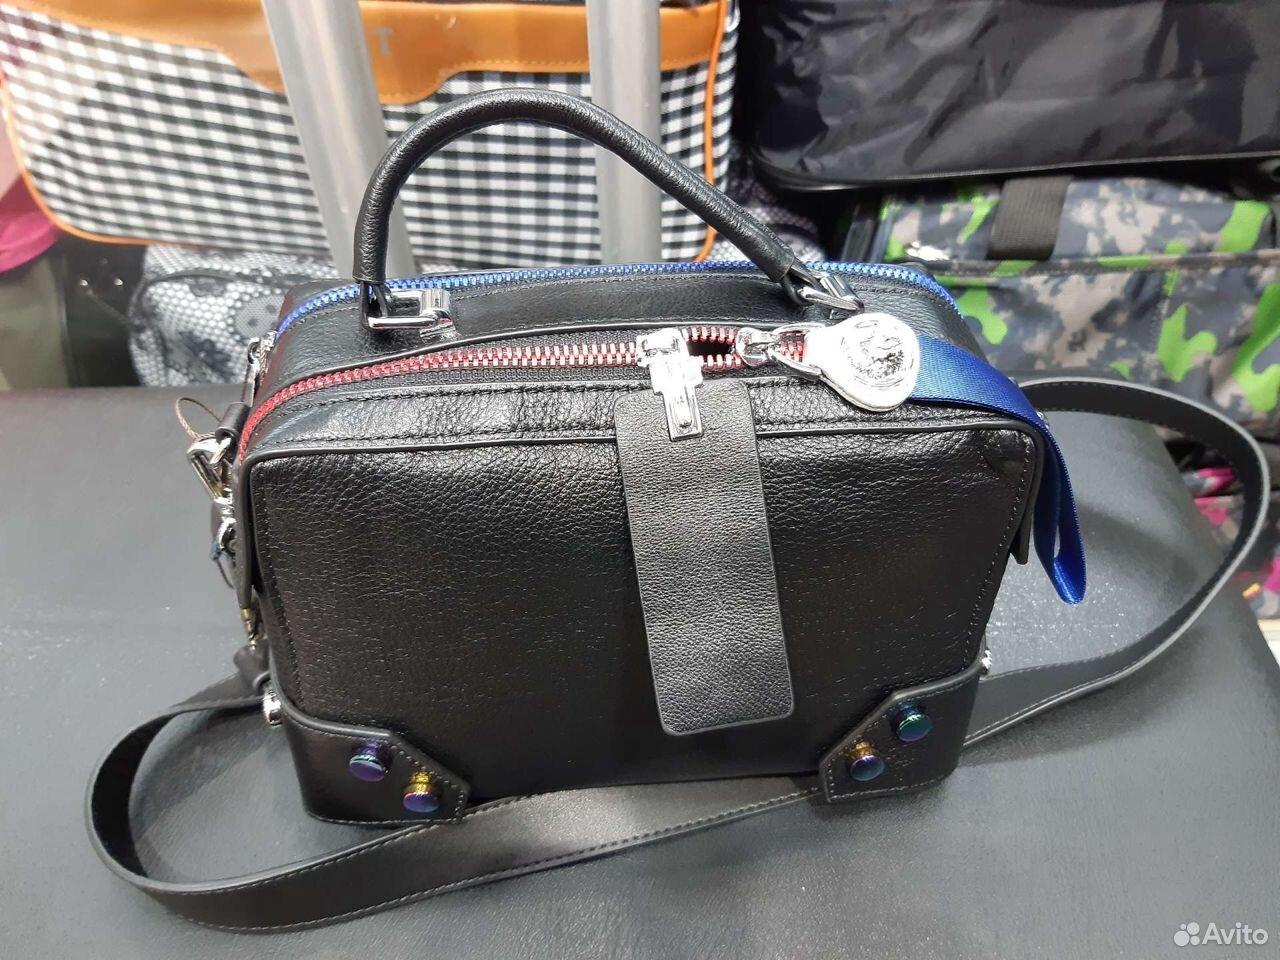 Bag women s new  89092074842 buy 4